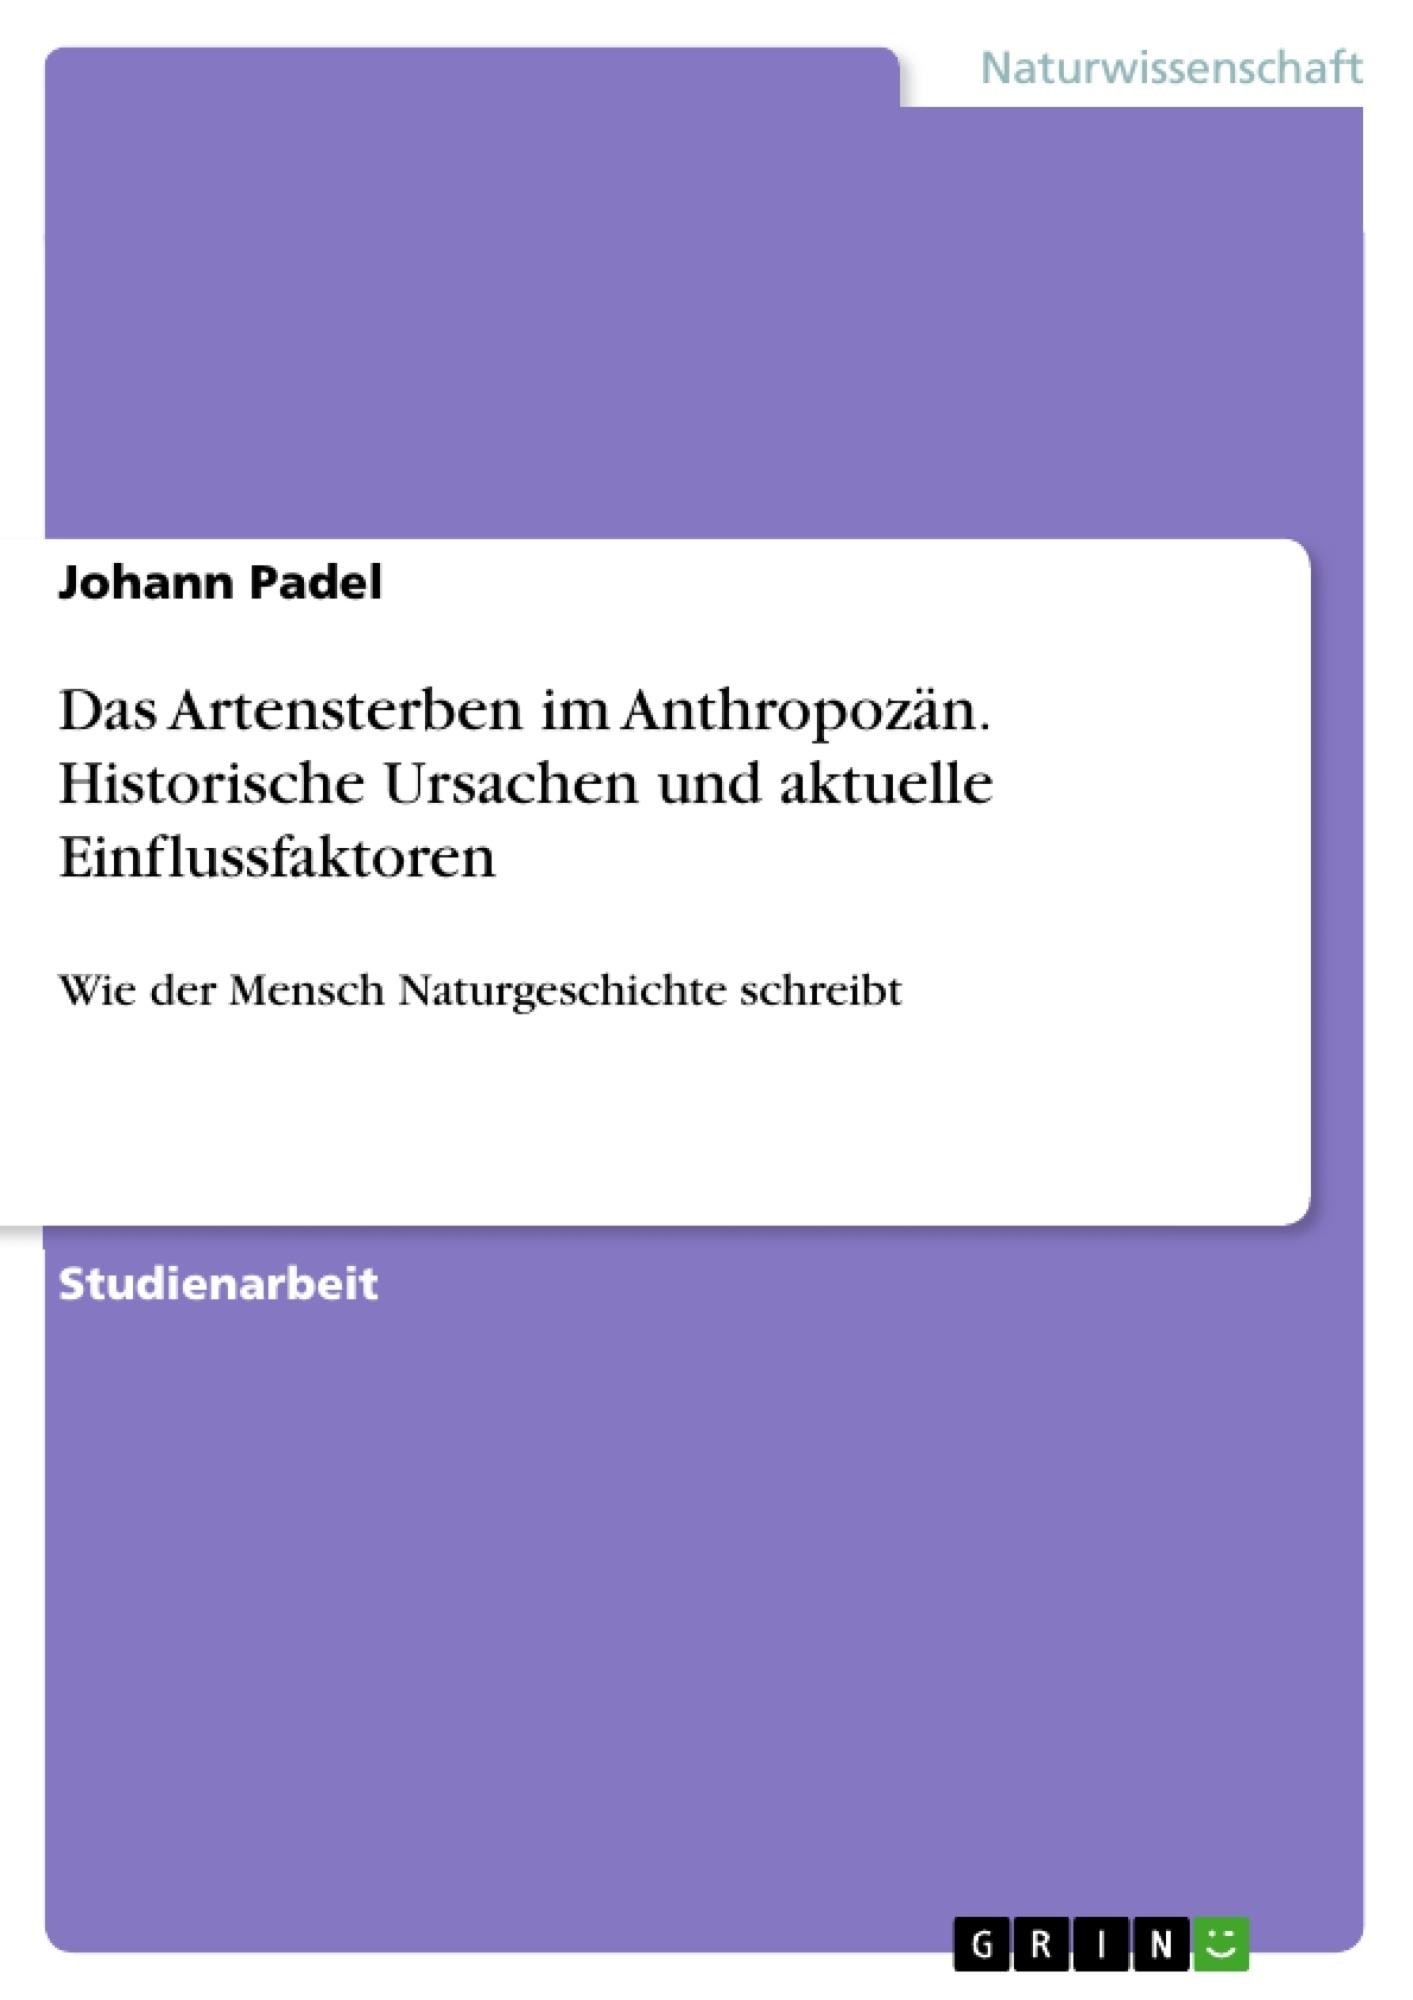 Titel: Das Artensterben im Anthropozän. Historische Ursachen und aktuelle Einflussfaktoren